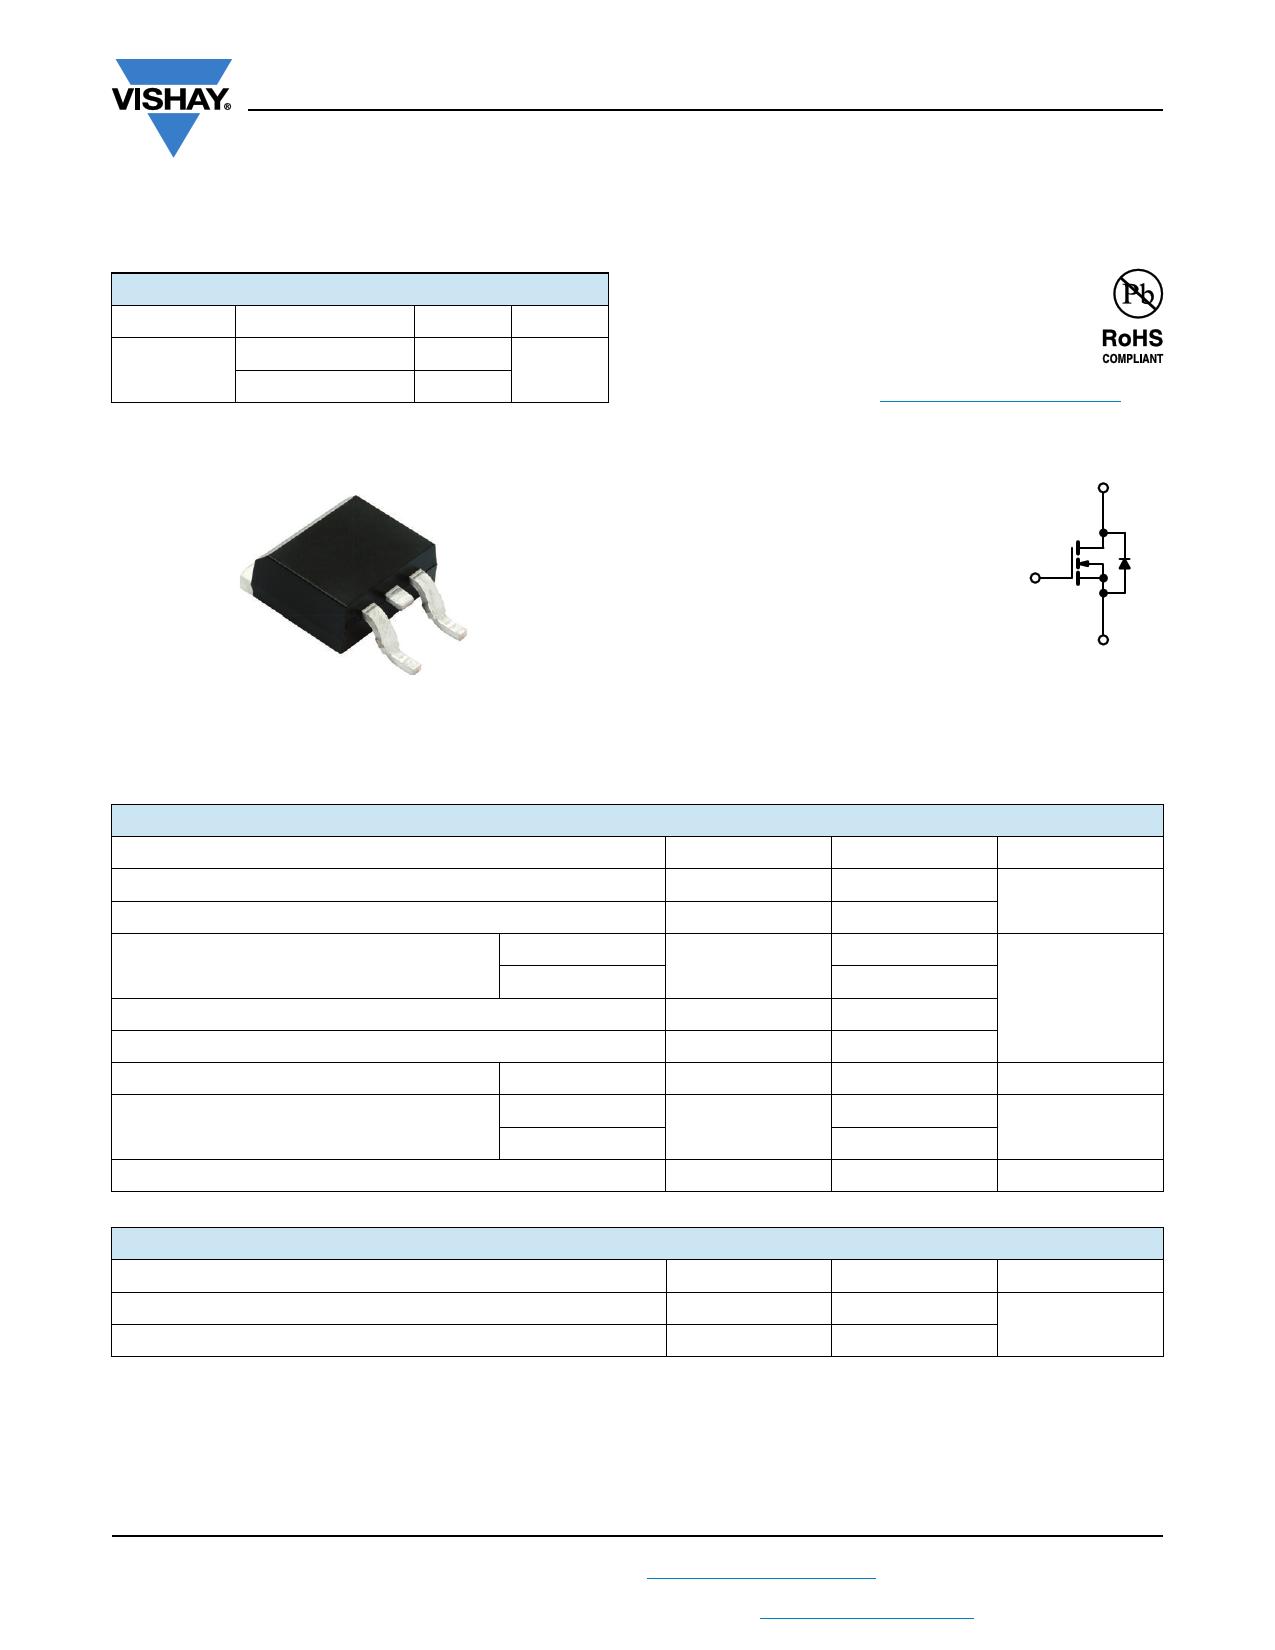 SUM90N04-3m3P datasheet, circuit